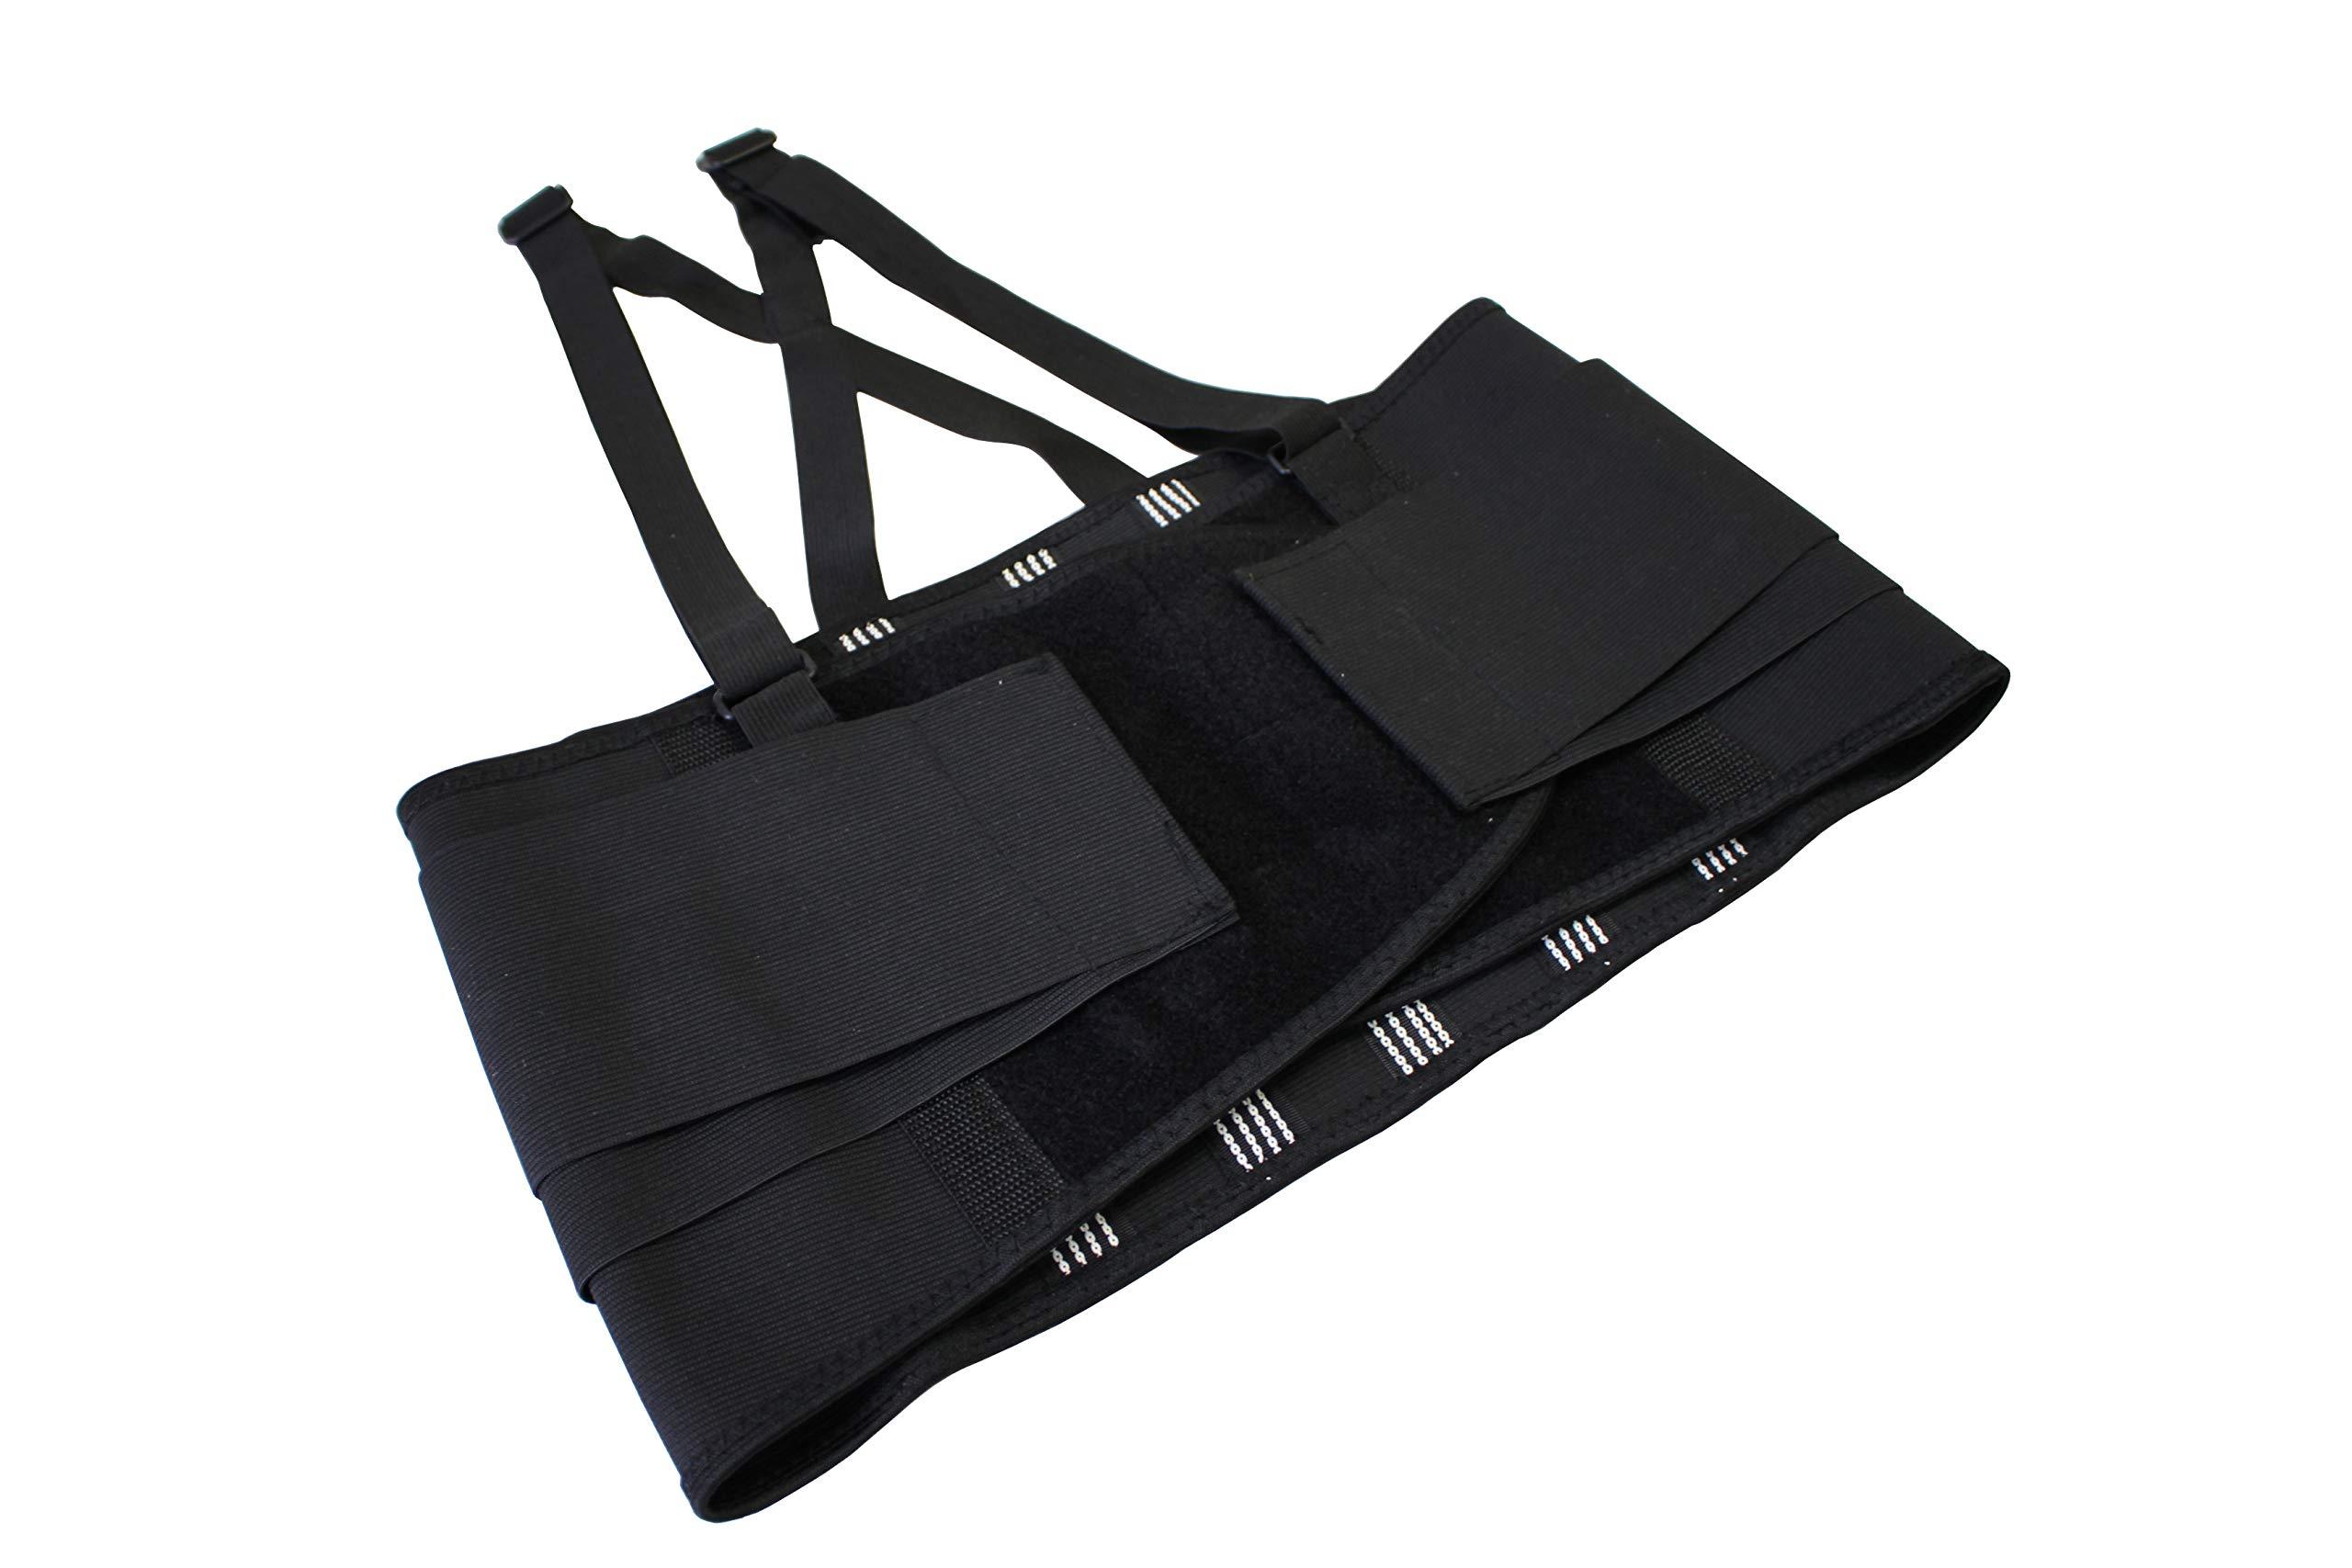 Ader Heavy Duty Adjustable High-Performance Back Support Work Belt, Lifting Belt (L)